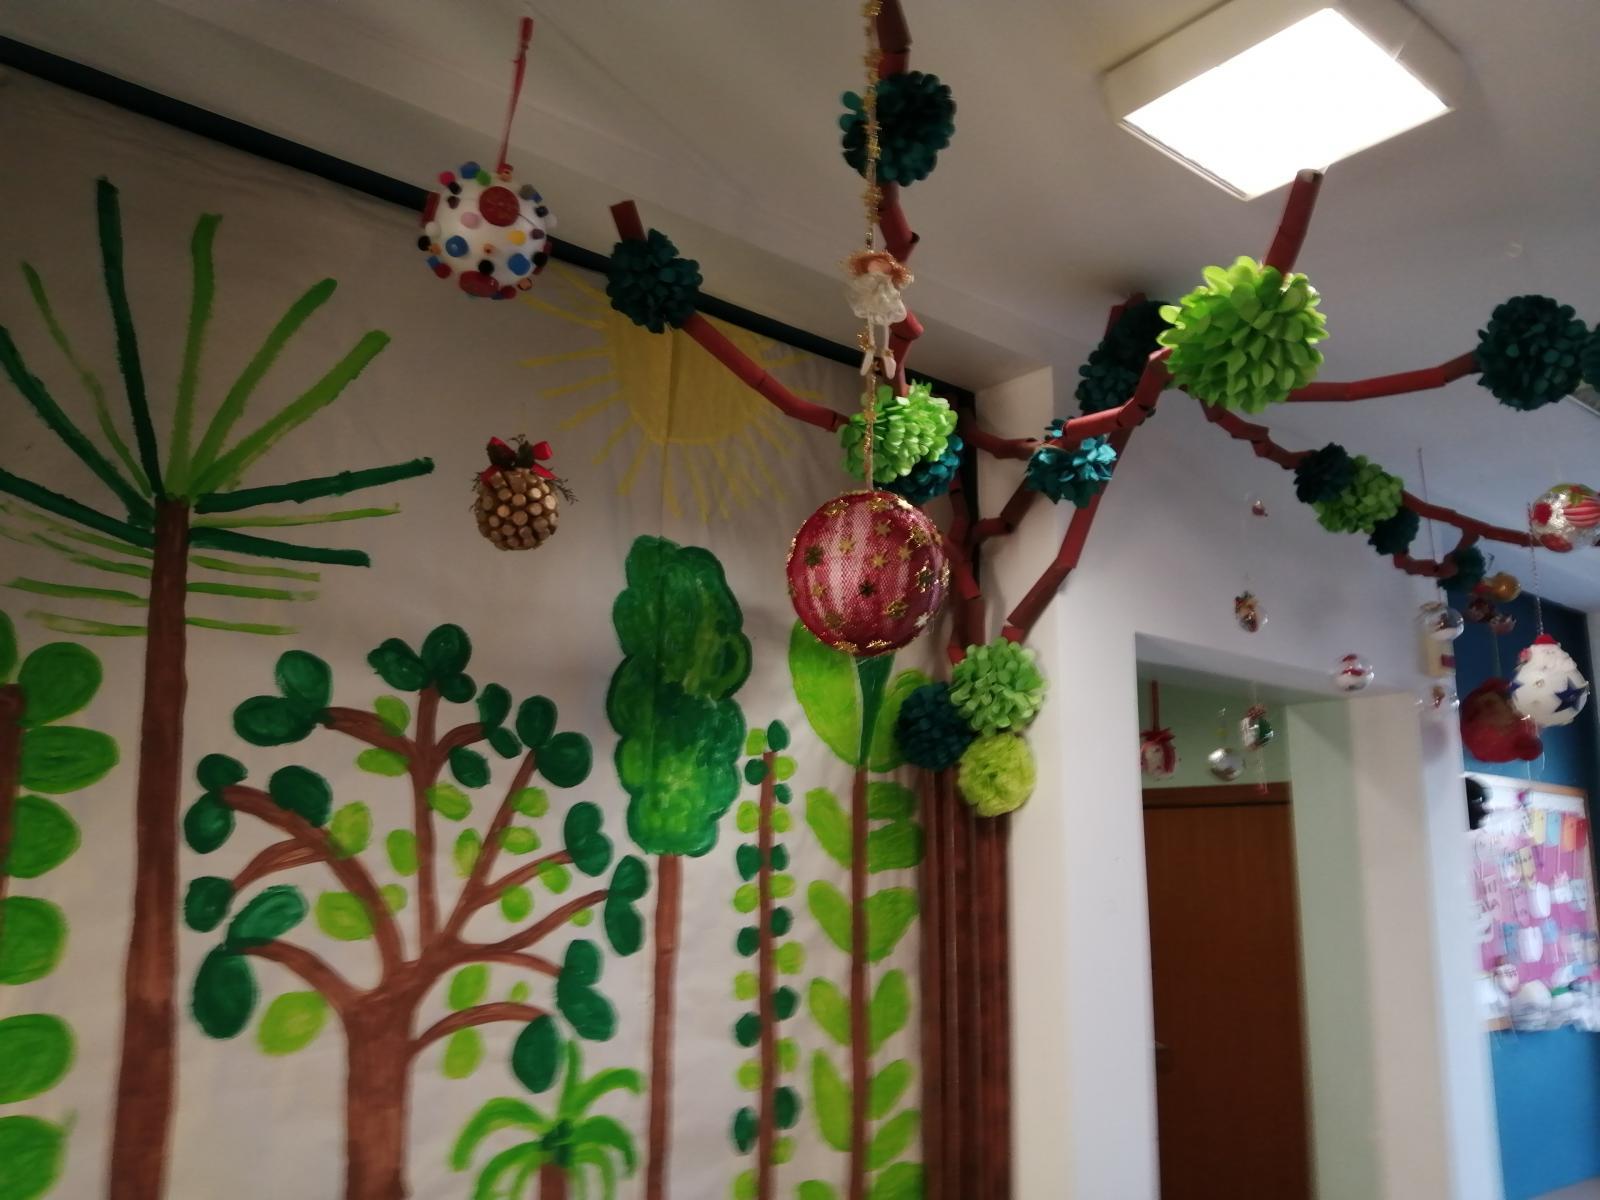 Exposição de Natal (bolas decoradas)